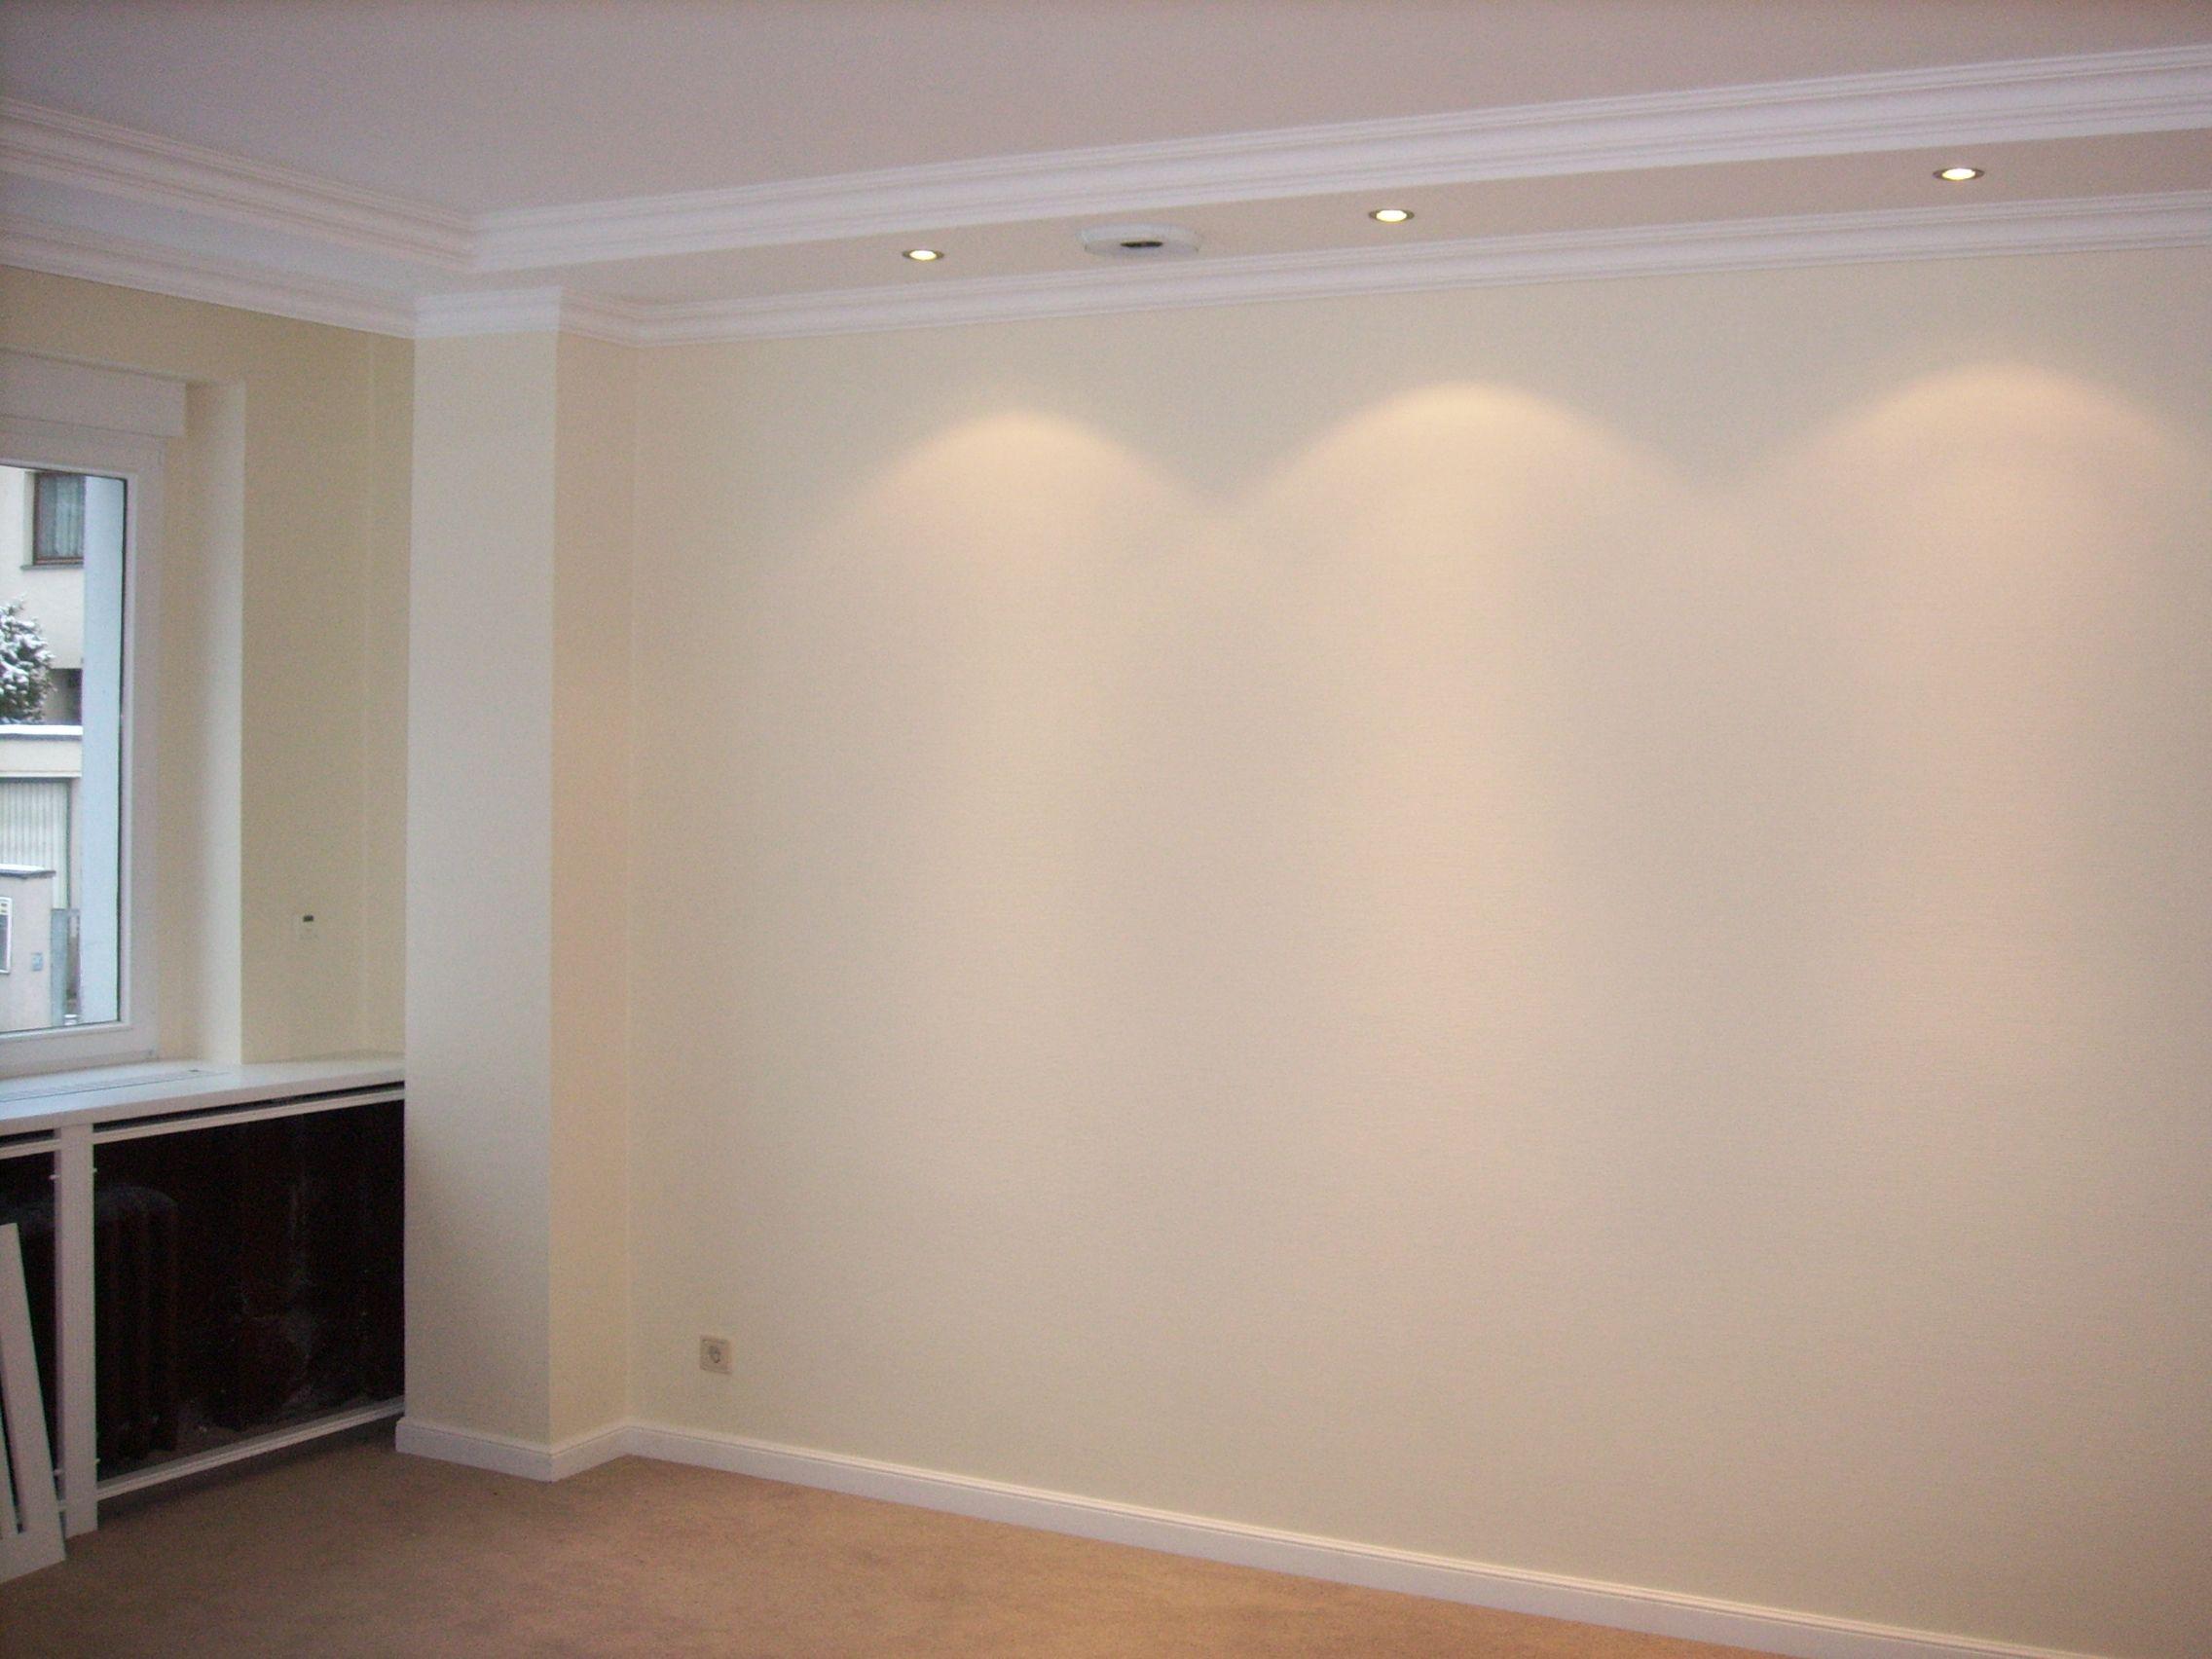 Beleuchtung Und Lautsprecher Direkt In Die Decke Integriert Deckenarchitektur Haus Wohnzimmer Haus